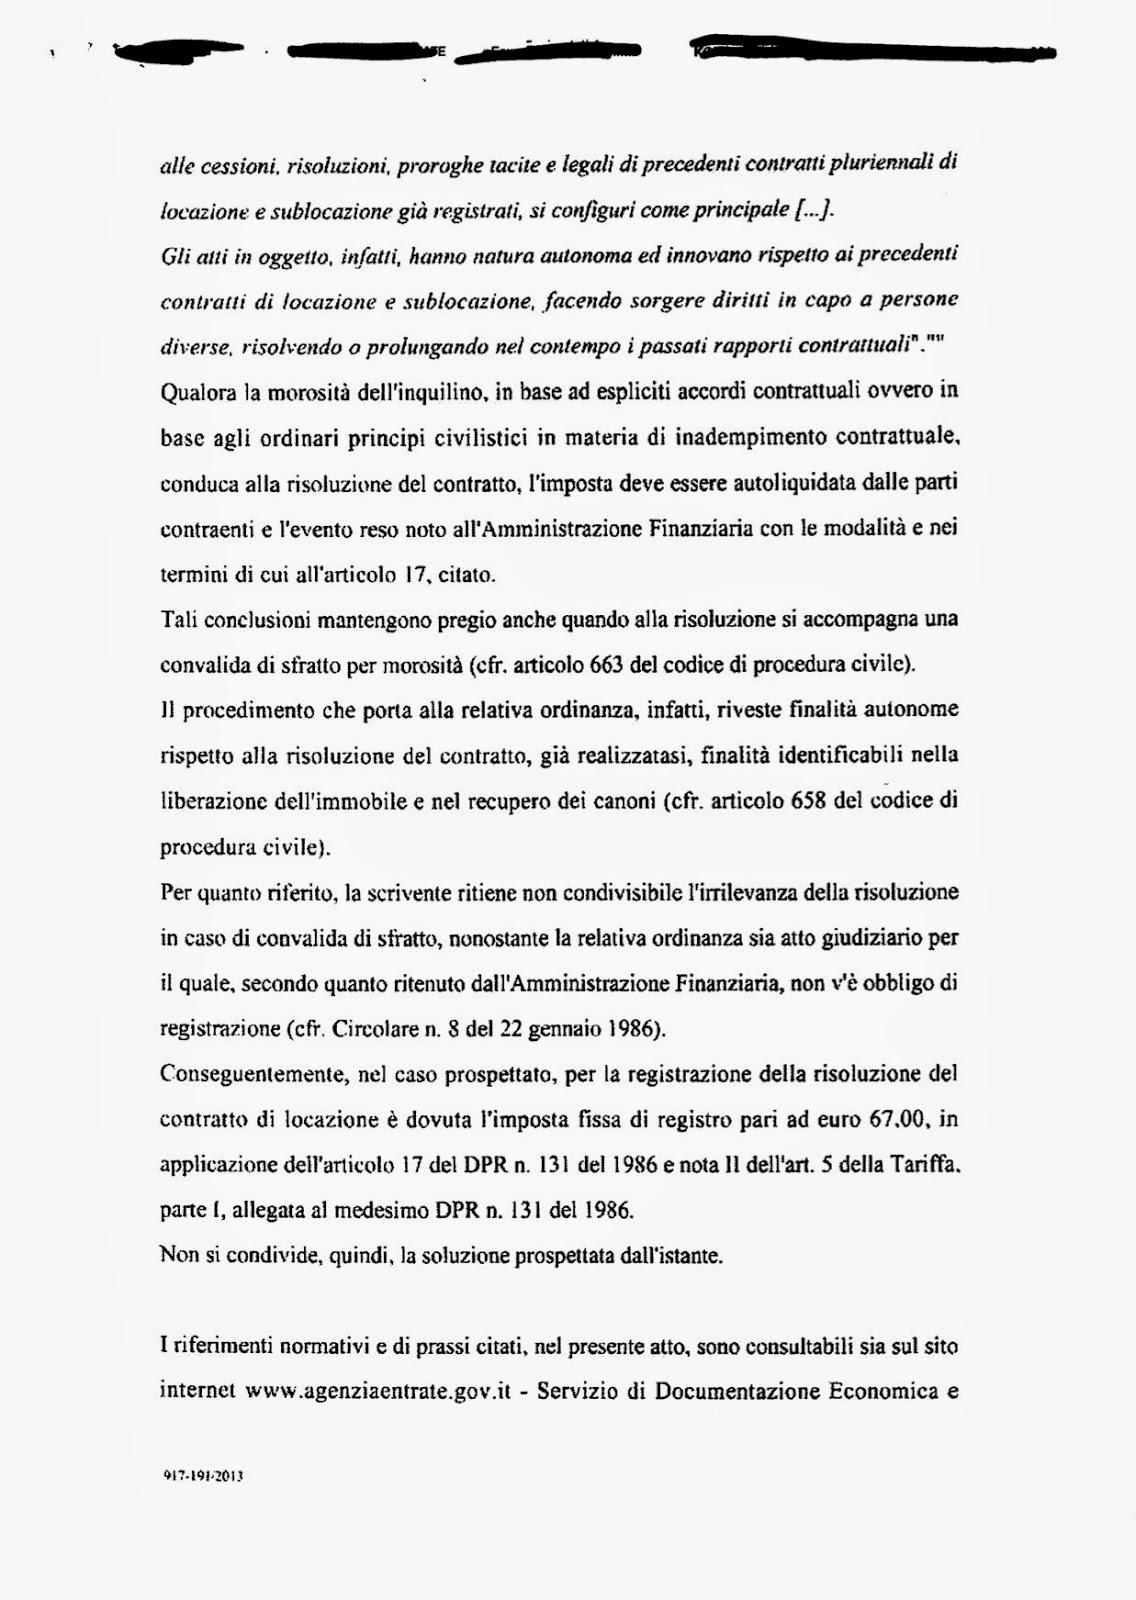 Michele de angelis imposta di registro e convalida dello for Imposta di registro locazione